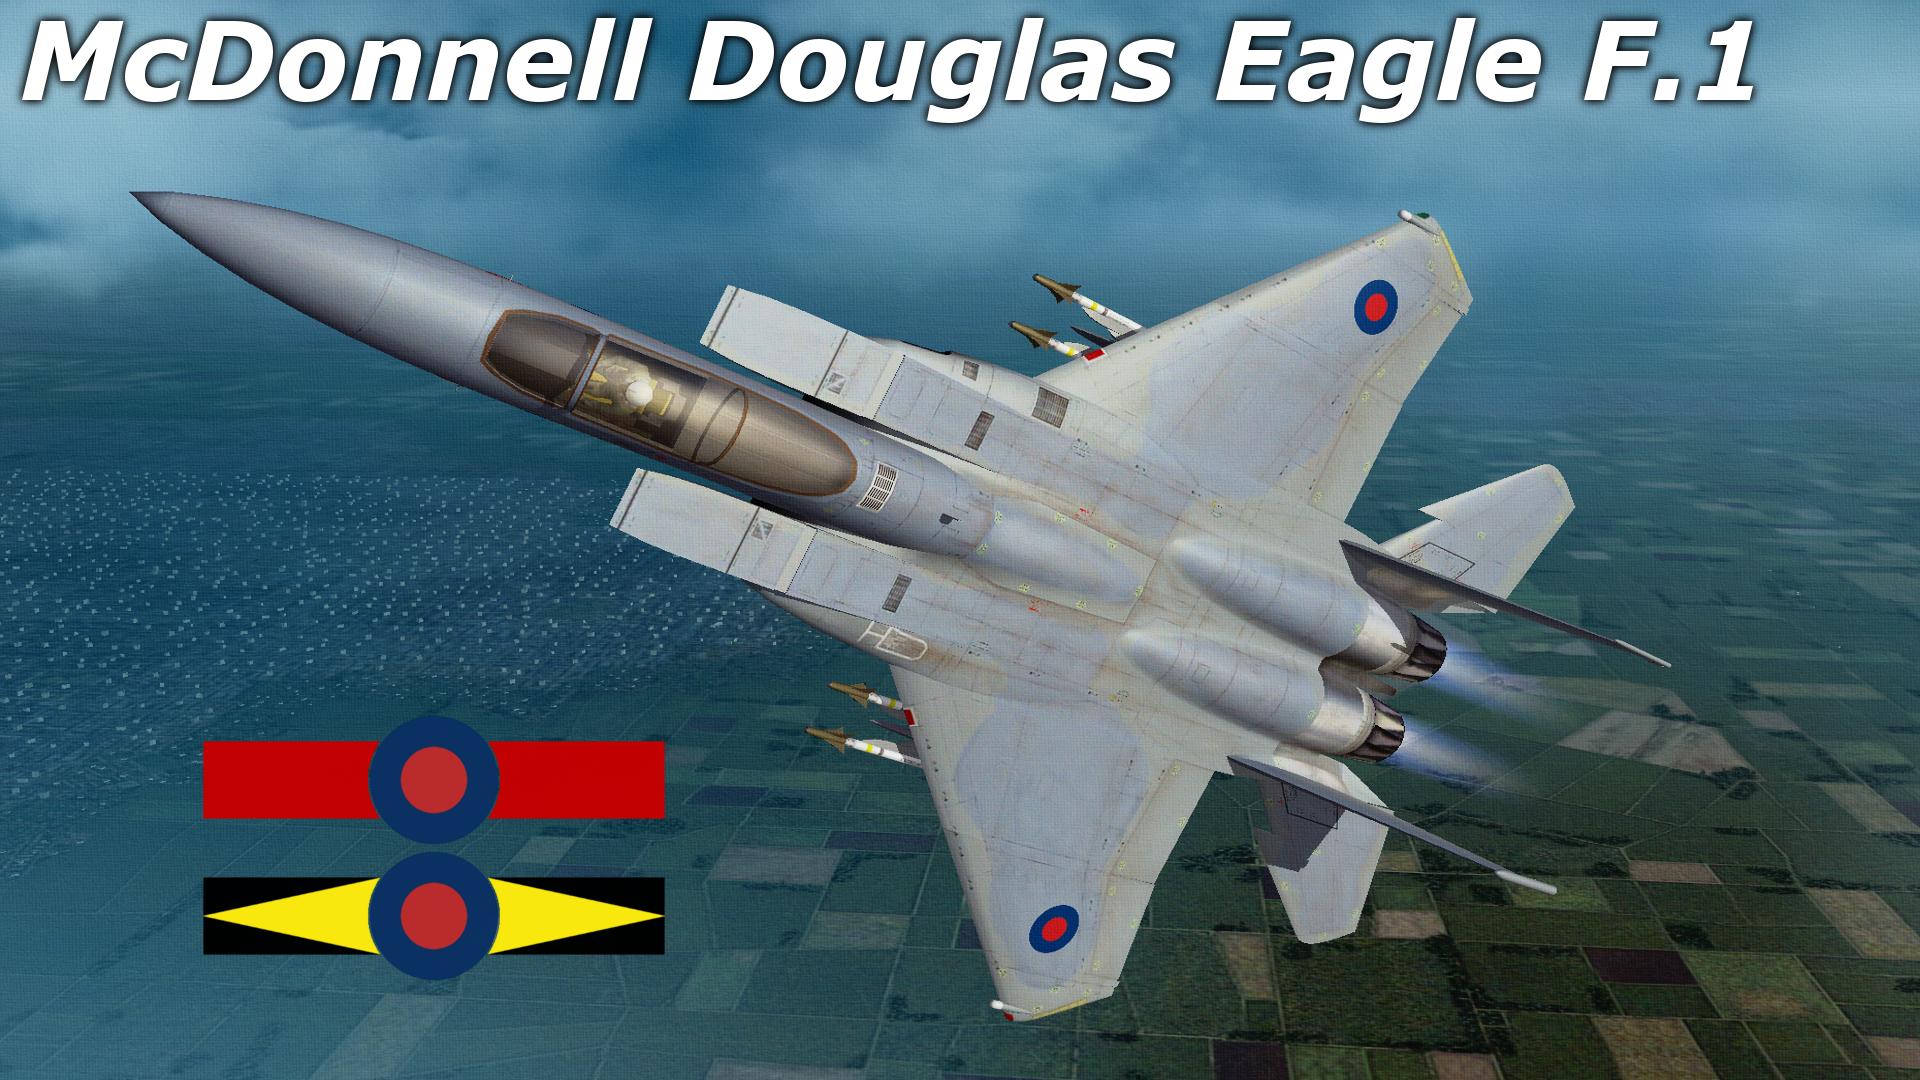 EagleF1_Loading_zpsks4i4j8a.png